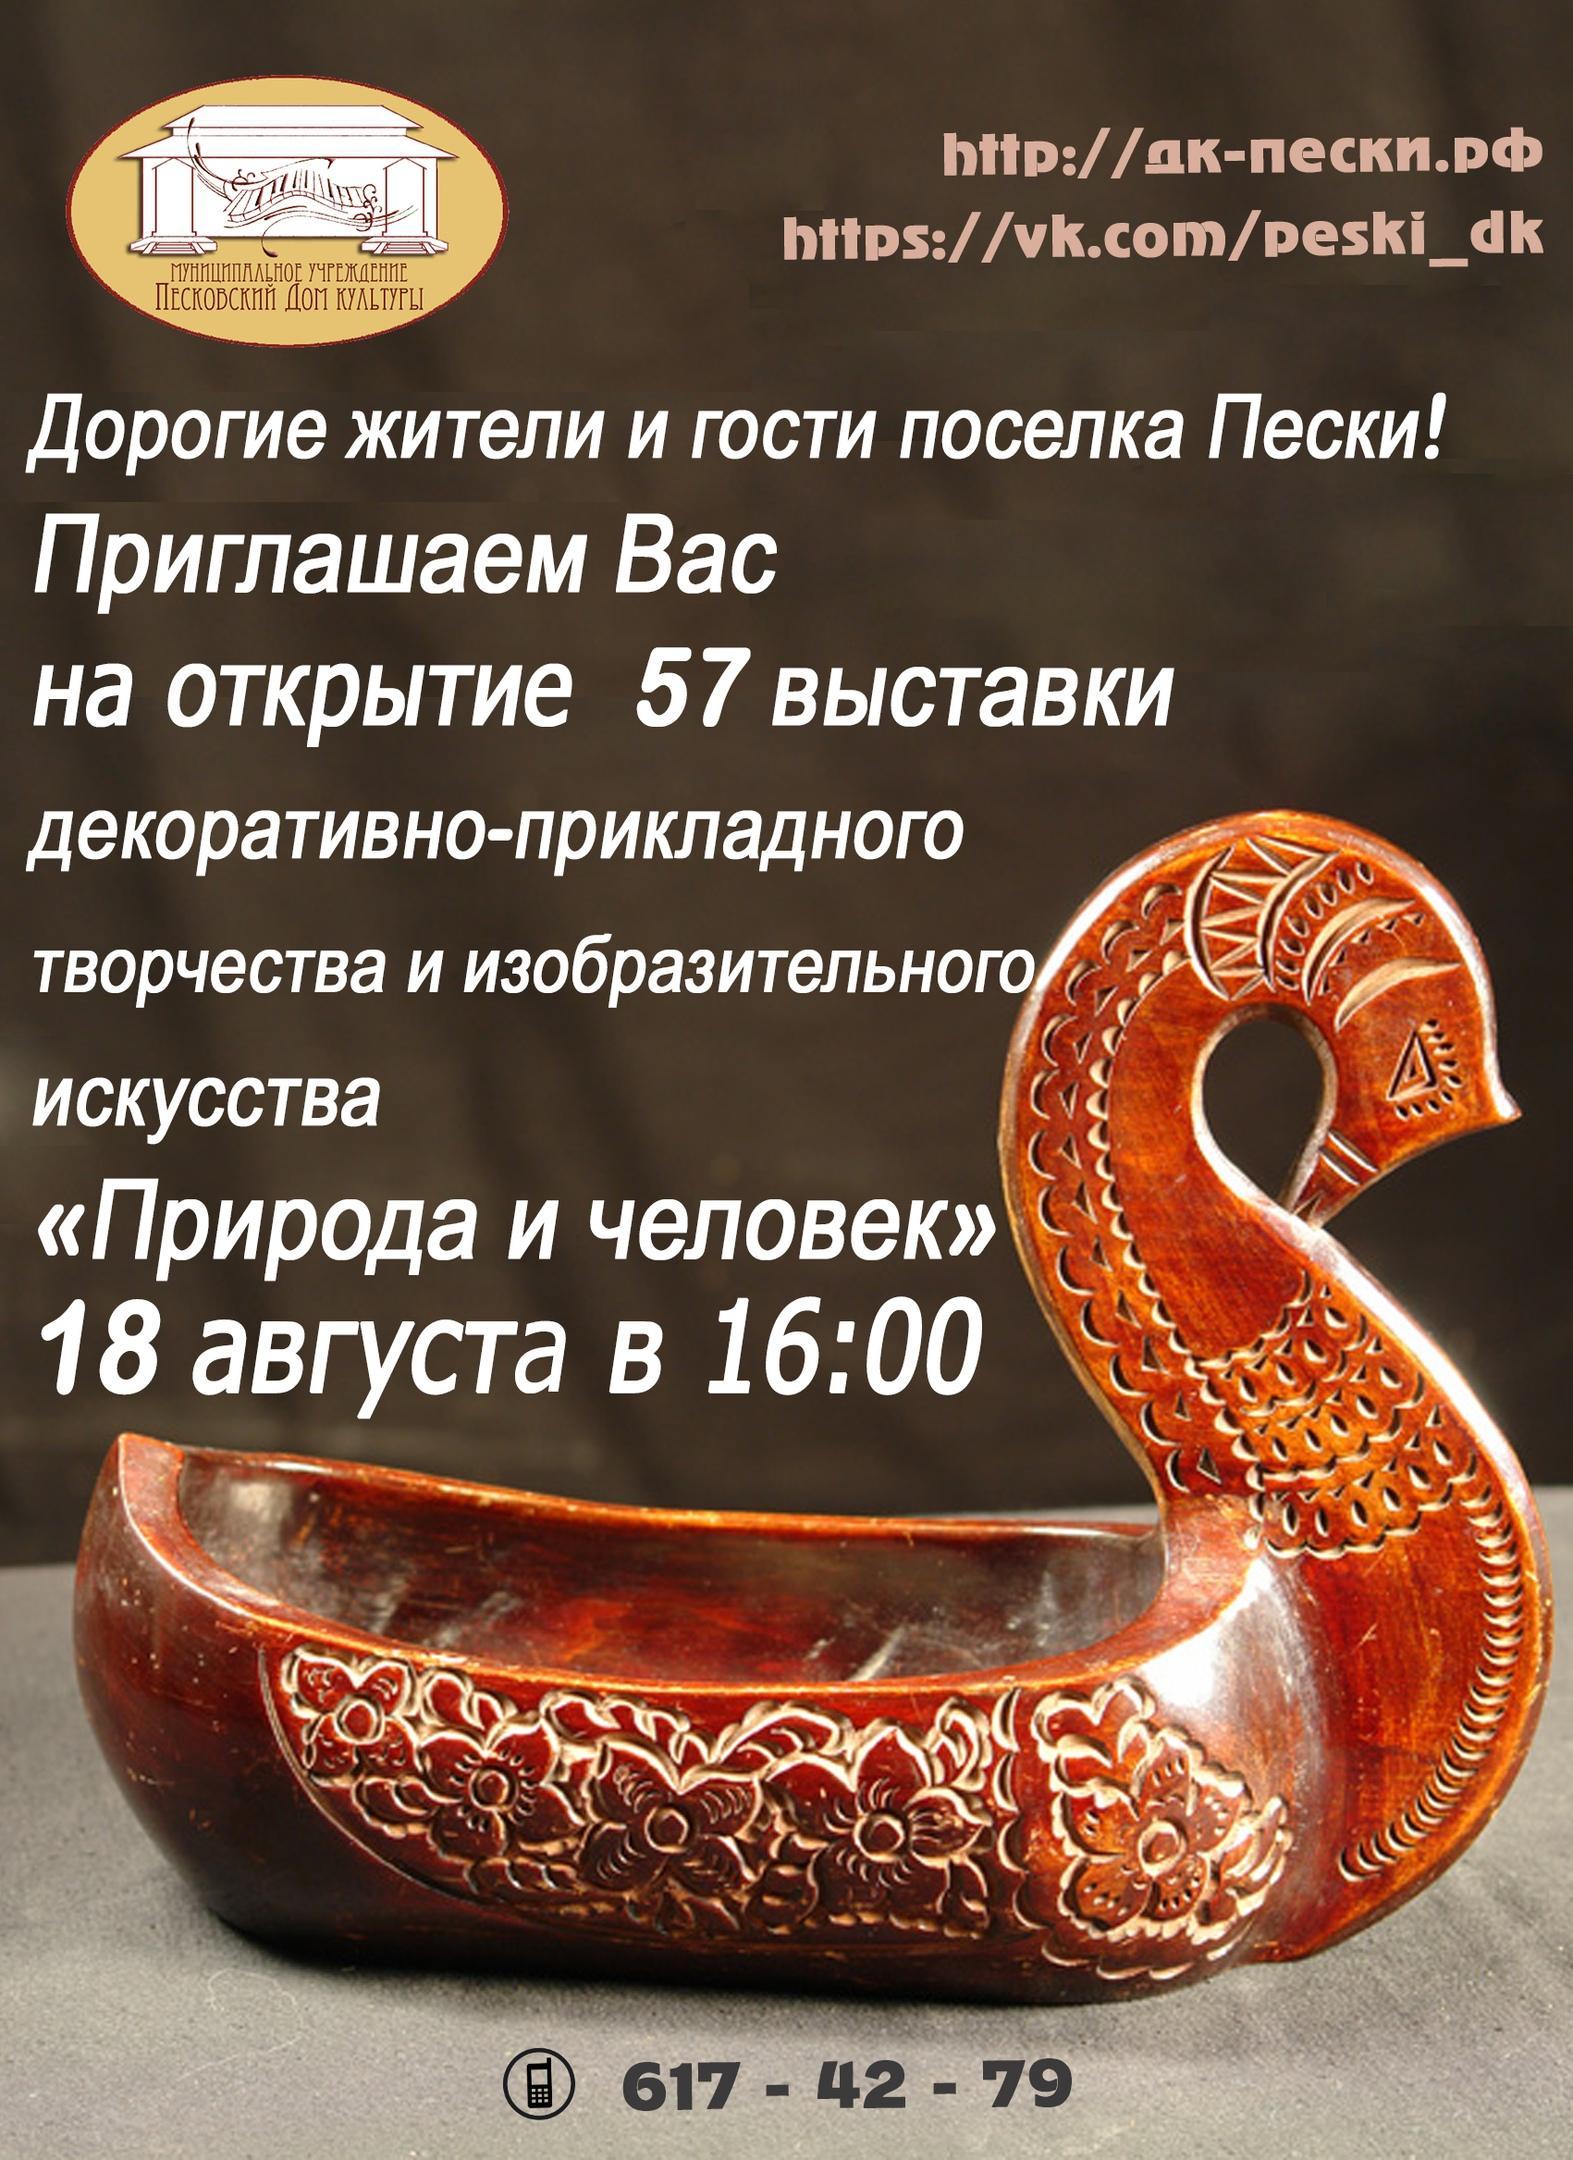 Выставка декоративно-прикладного творчества и изобразительного искусства «Природа и человек»